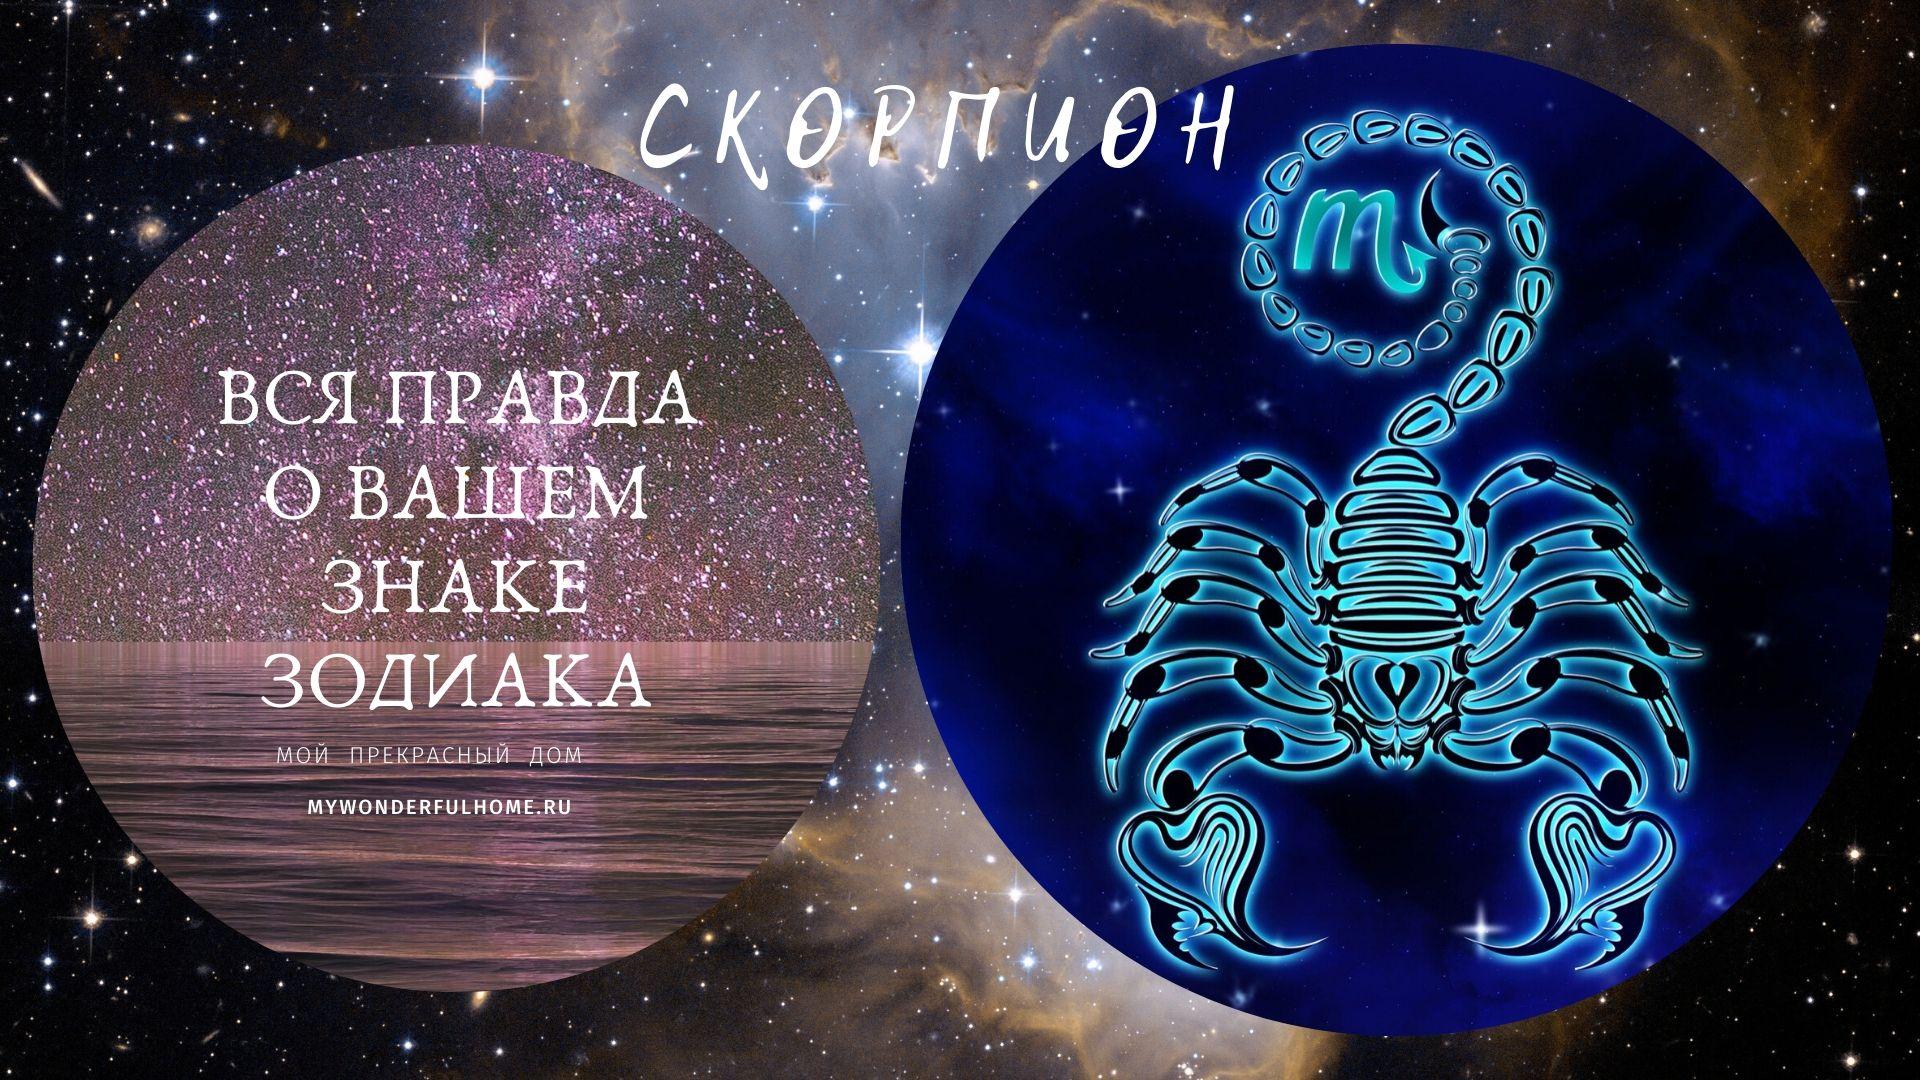 Скорпион Зодиак